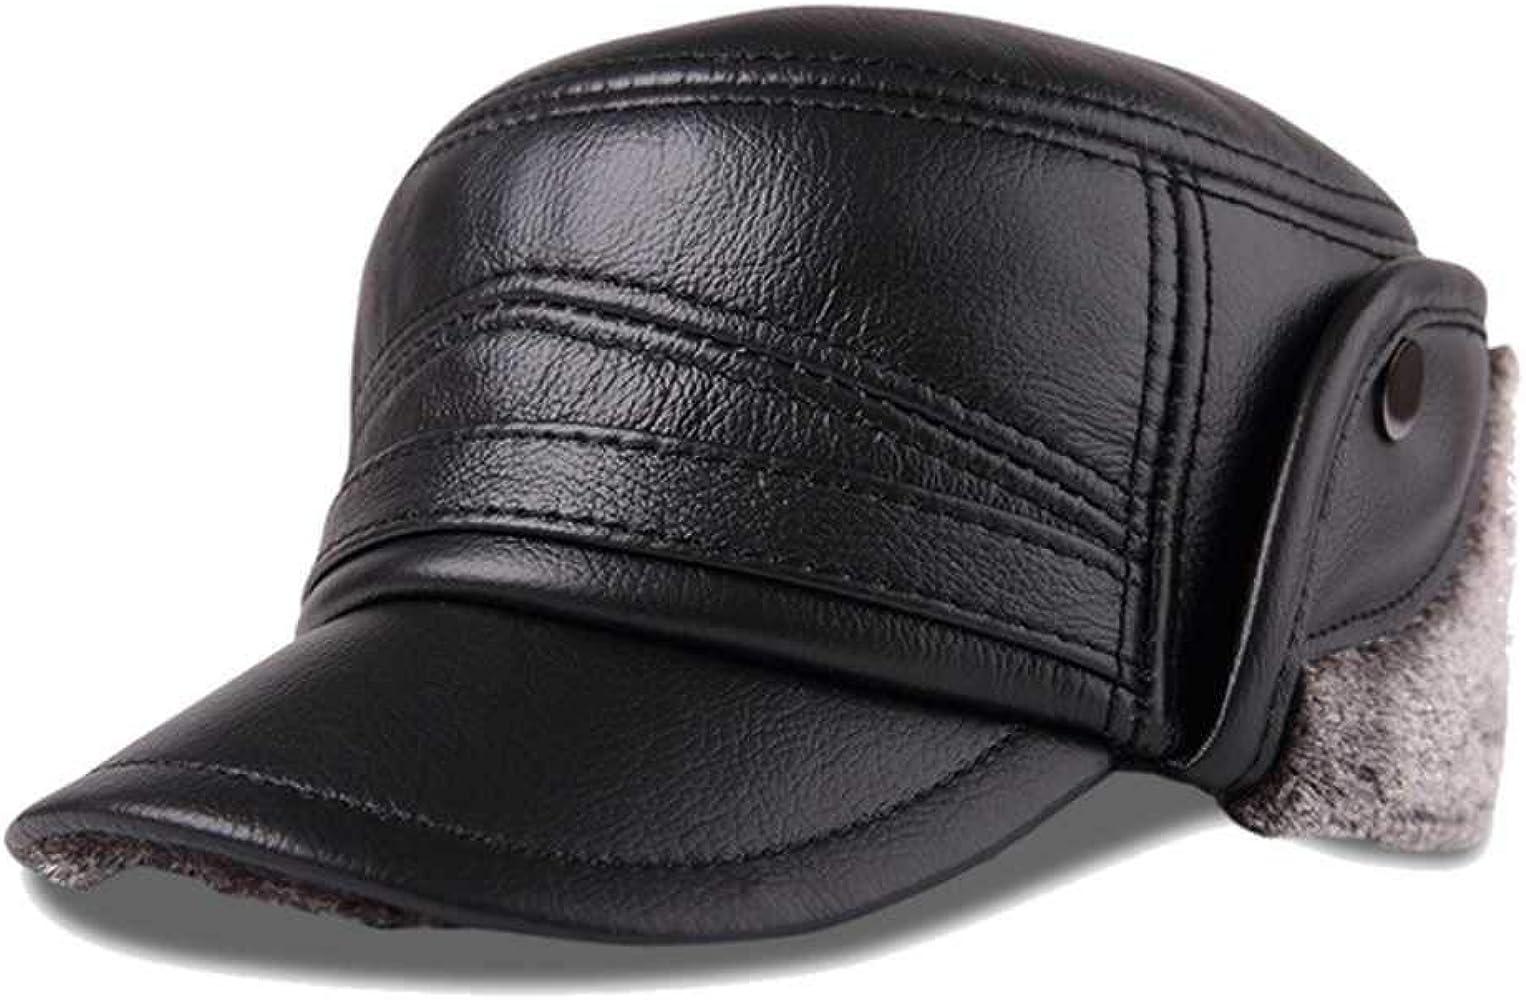 nuevos Sombreros de Bombardero de Cuero Genuino Gorra de orejera ...